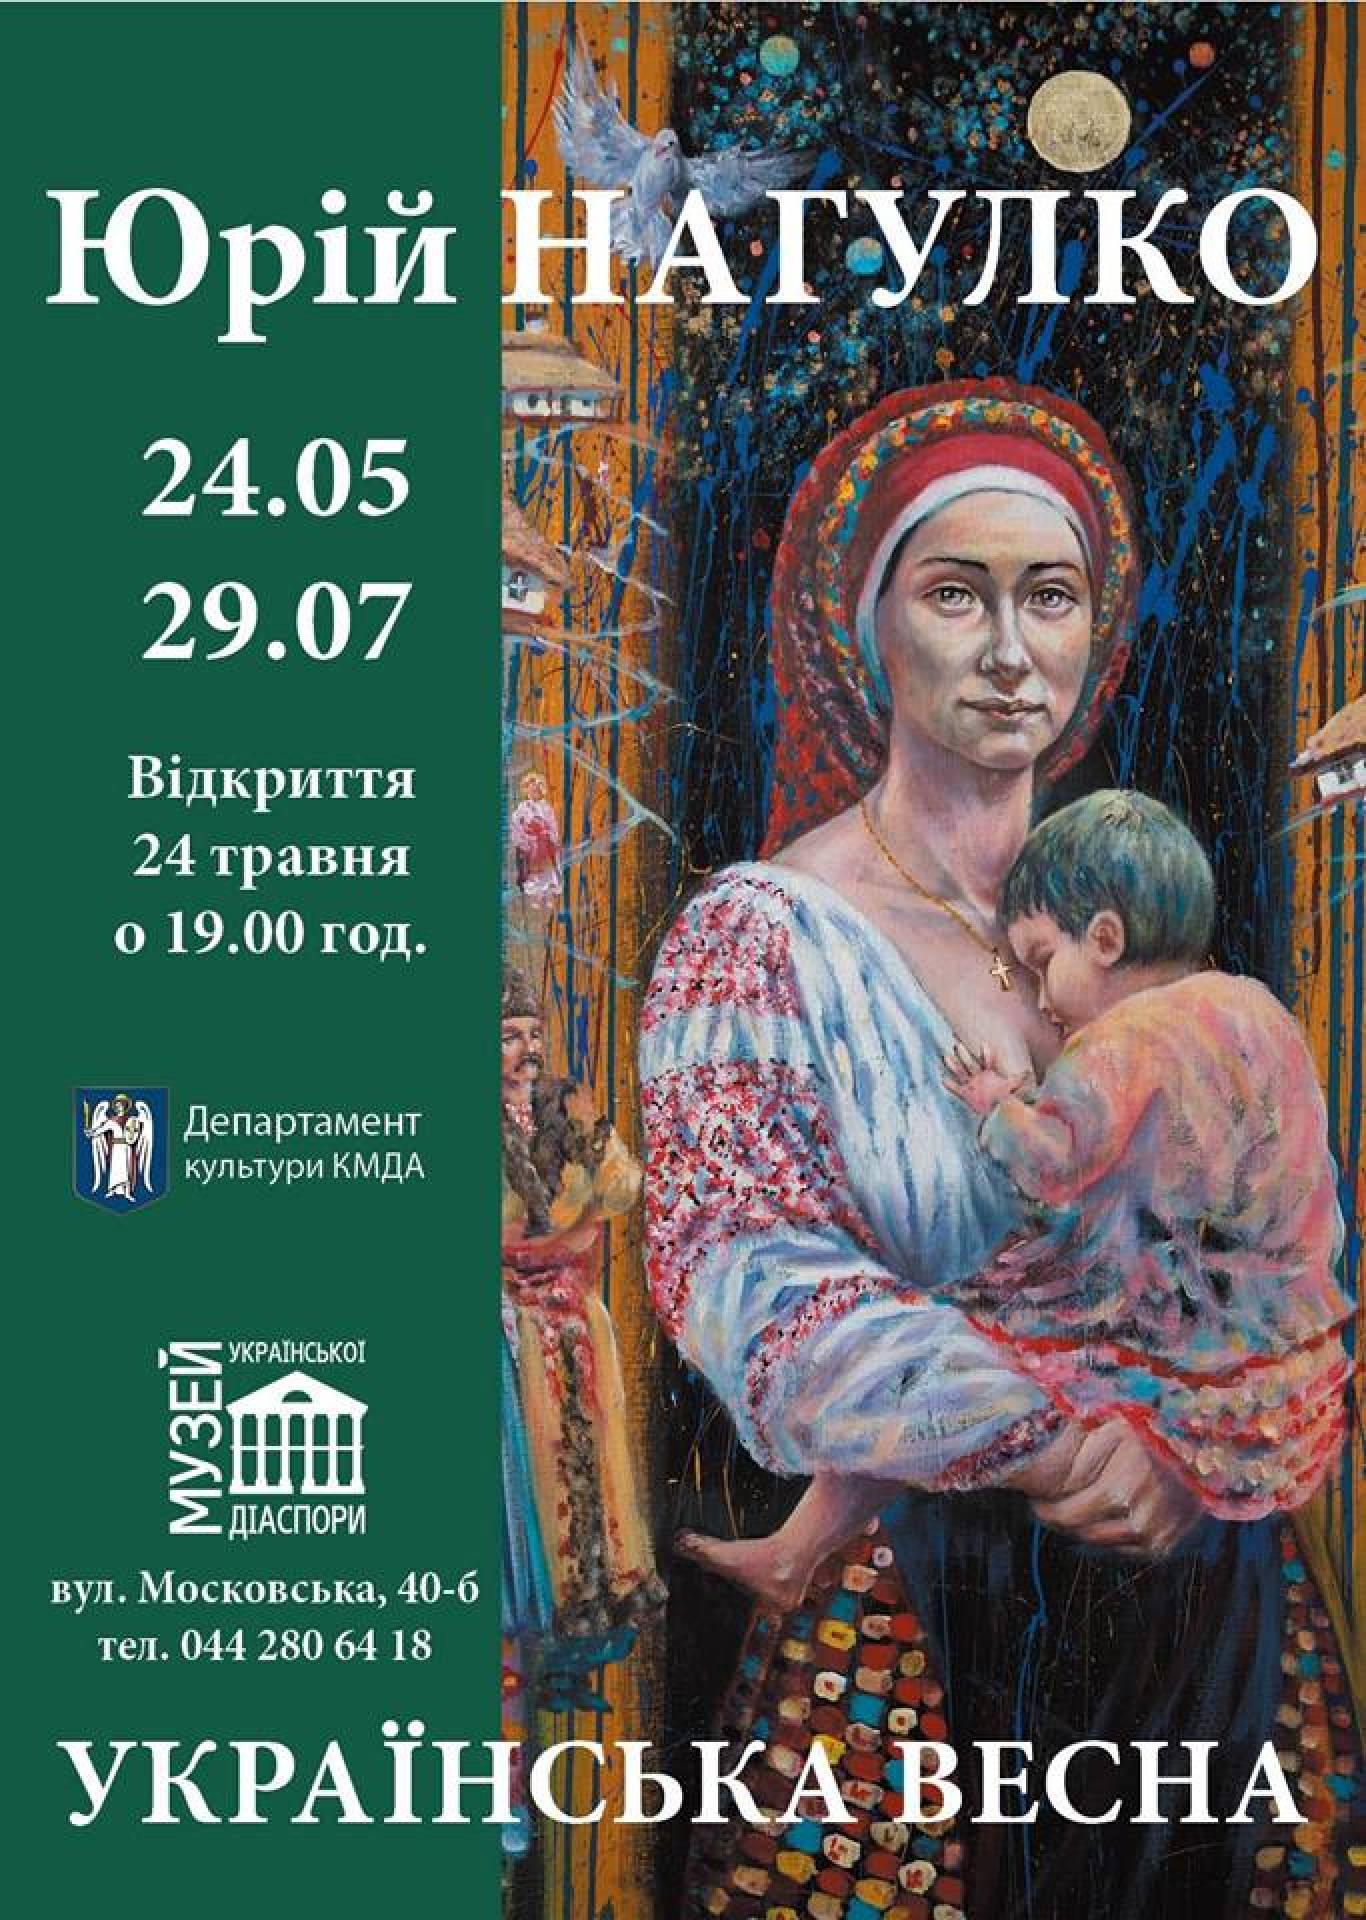 Українська весна - Персональна виставка Юрія Нагулка